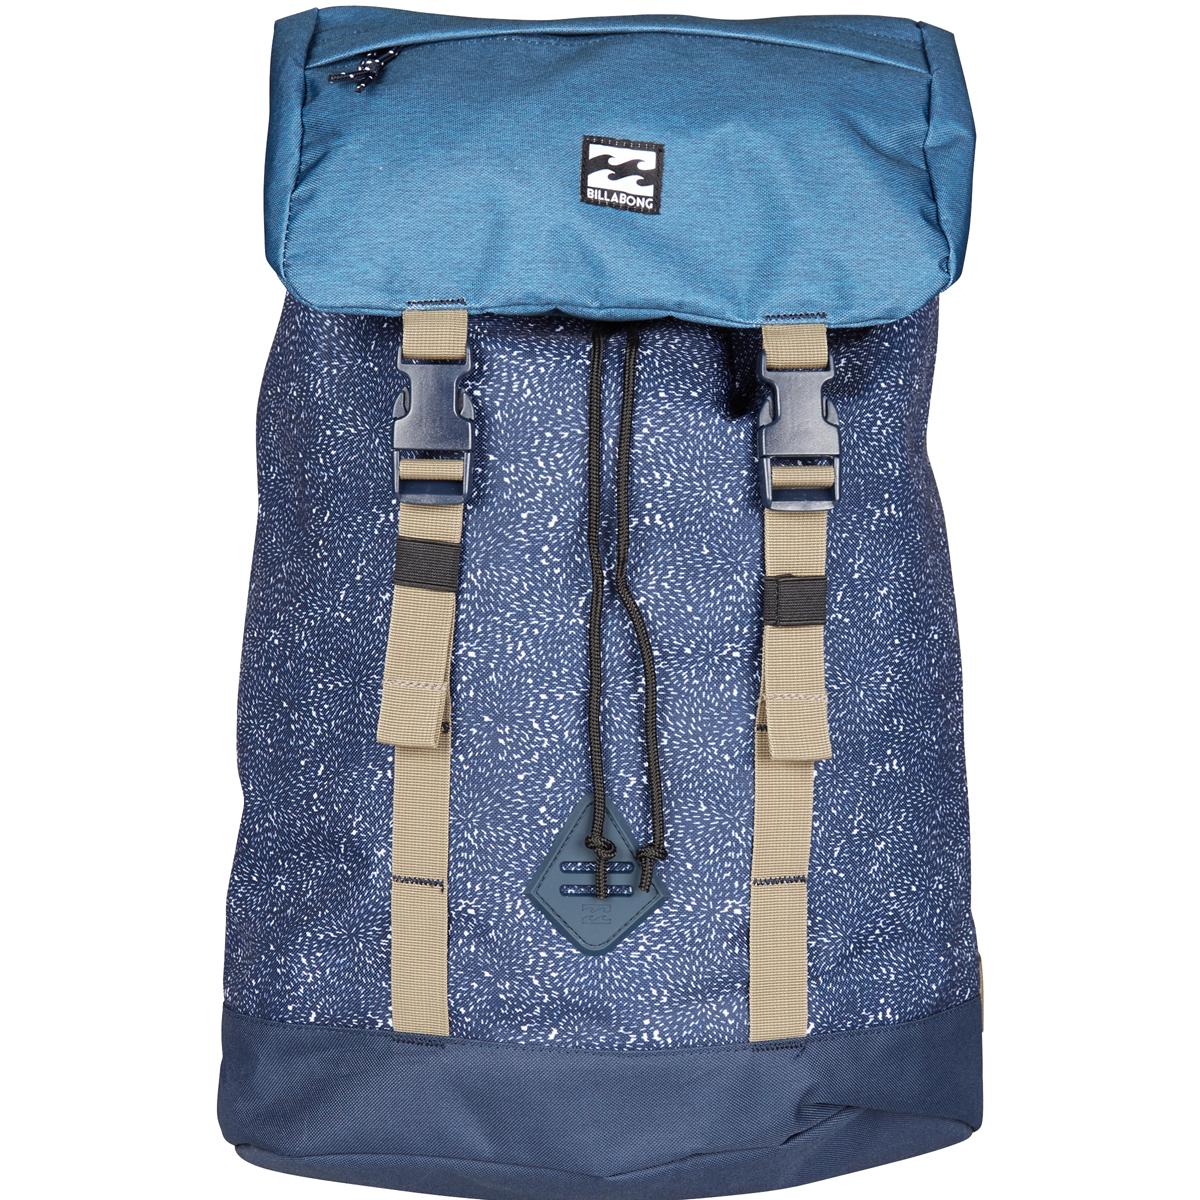 Рюкзак городской Billabong Track Pack, цвет: синий рюкзак городской billabong all day pack цвет черный серый